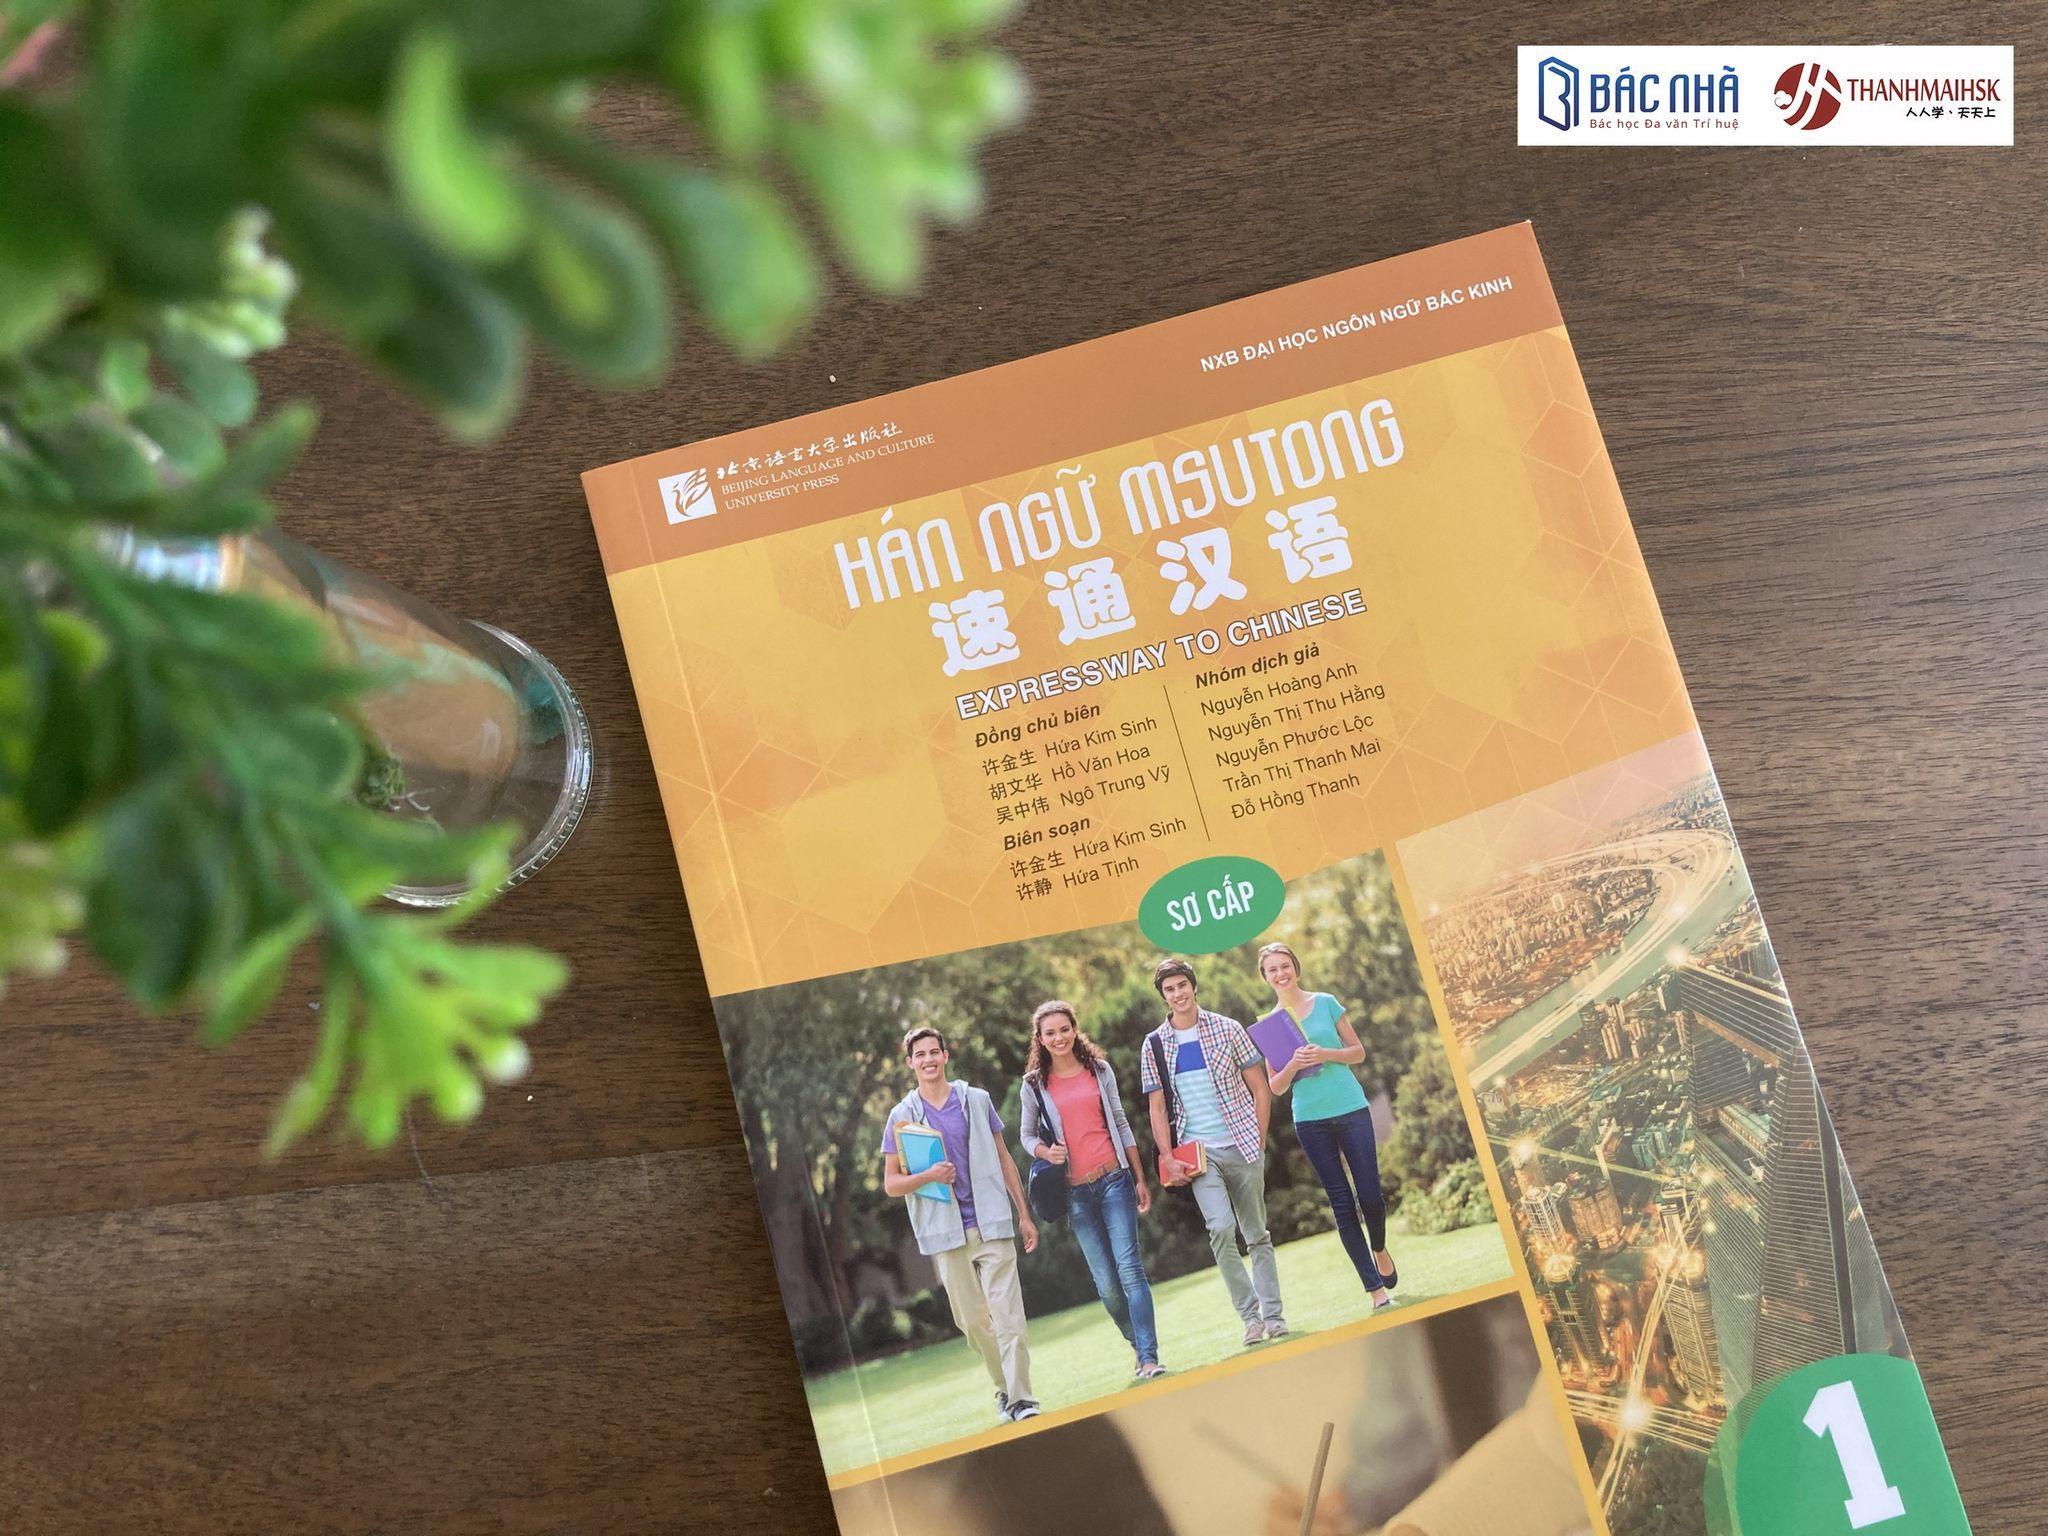 Hình ảnh Giáo trình Hán ngữ đại học Bắc Kinh MSUTONG mới nhất 2